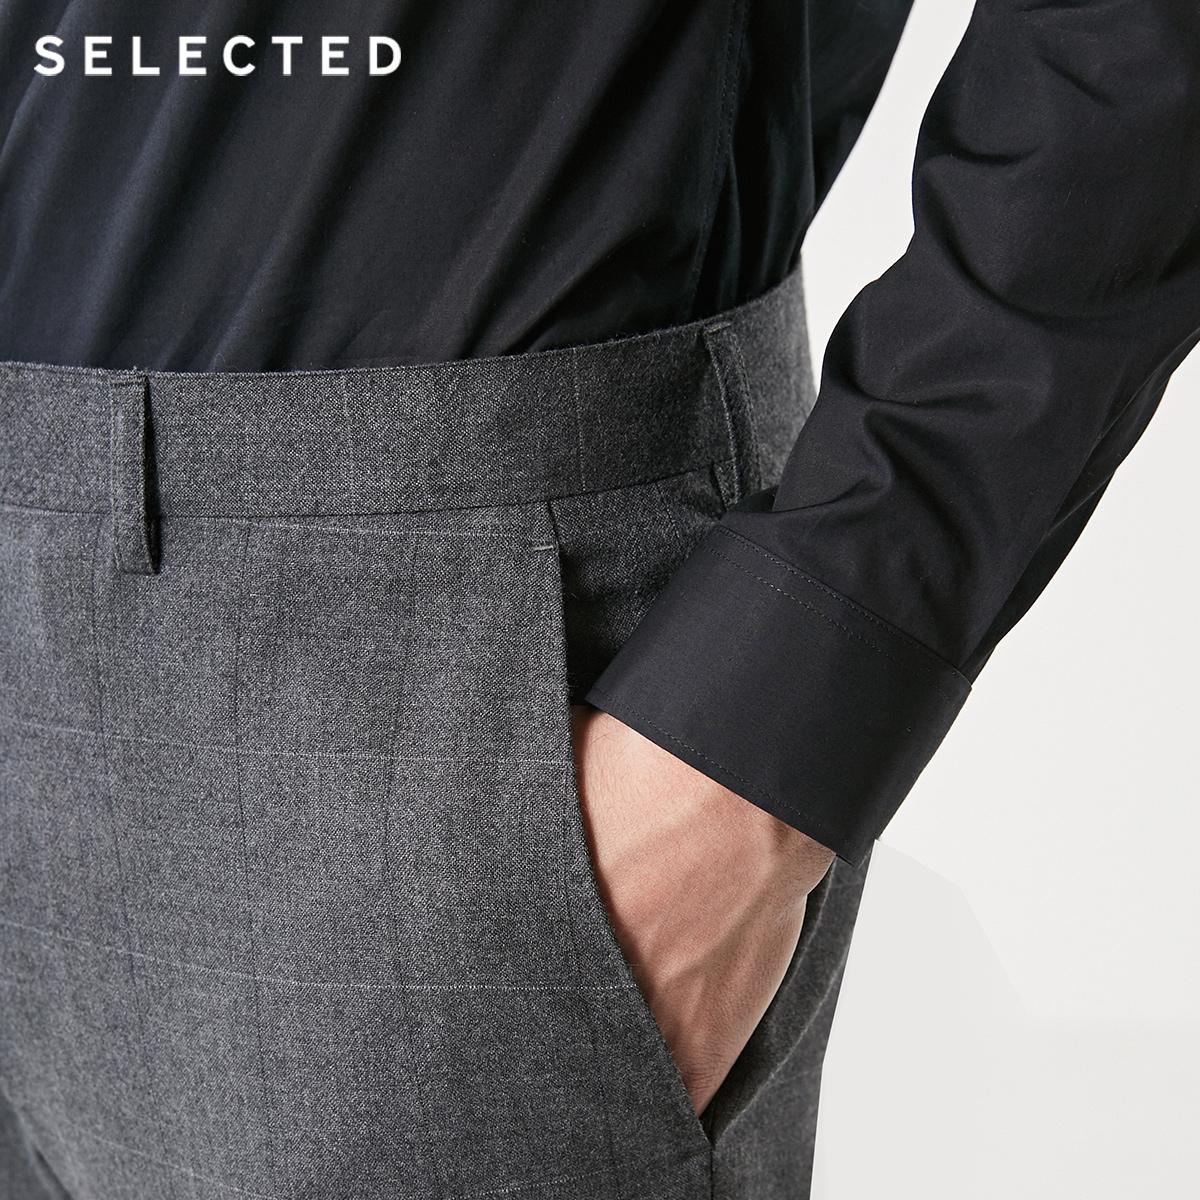 [聚]SELECTED思莱德春季男立领保暖中长款羽绒服外套418412517